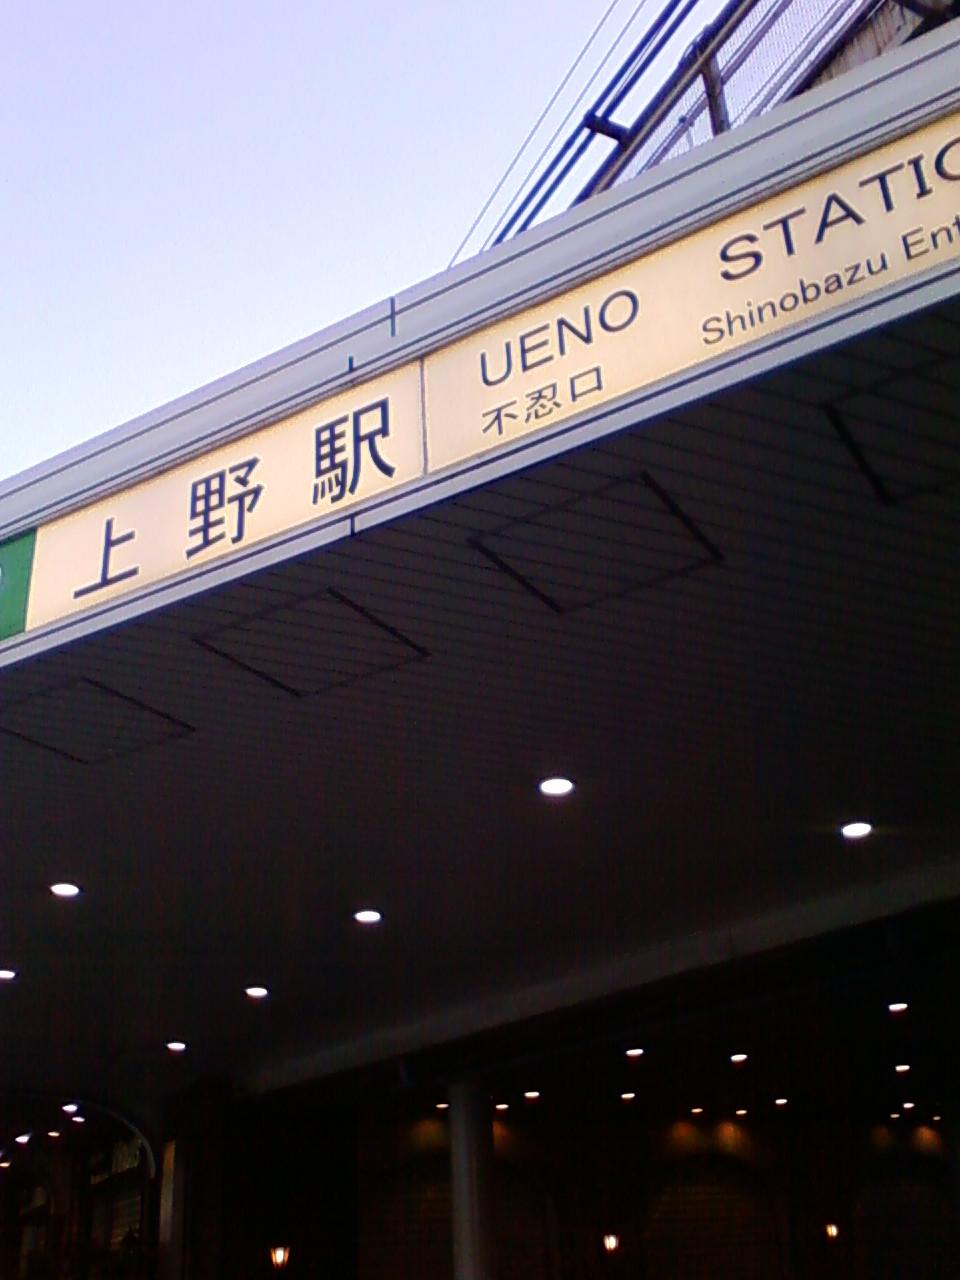 上野から鶯谷へ向かっています